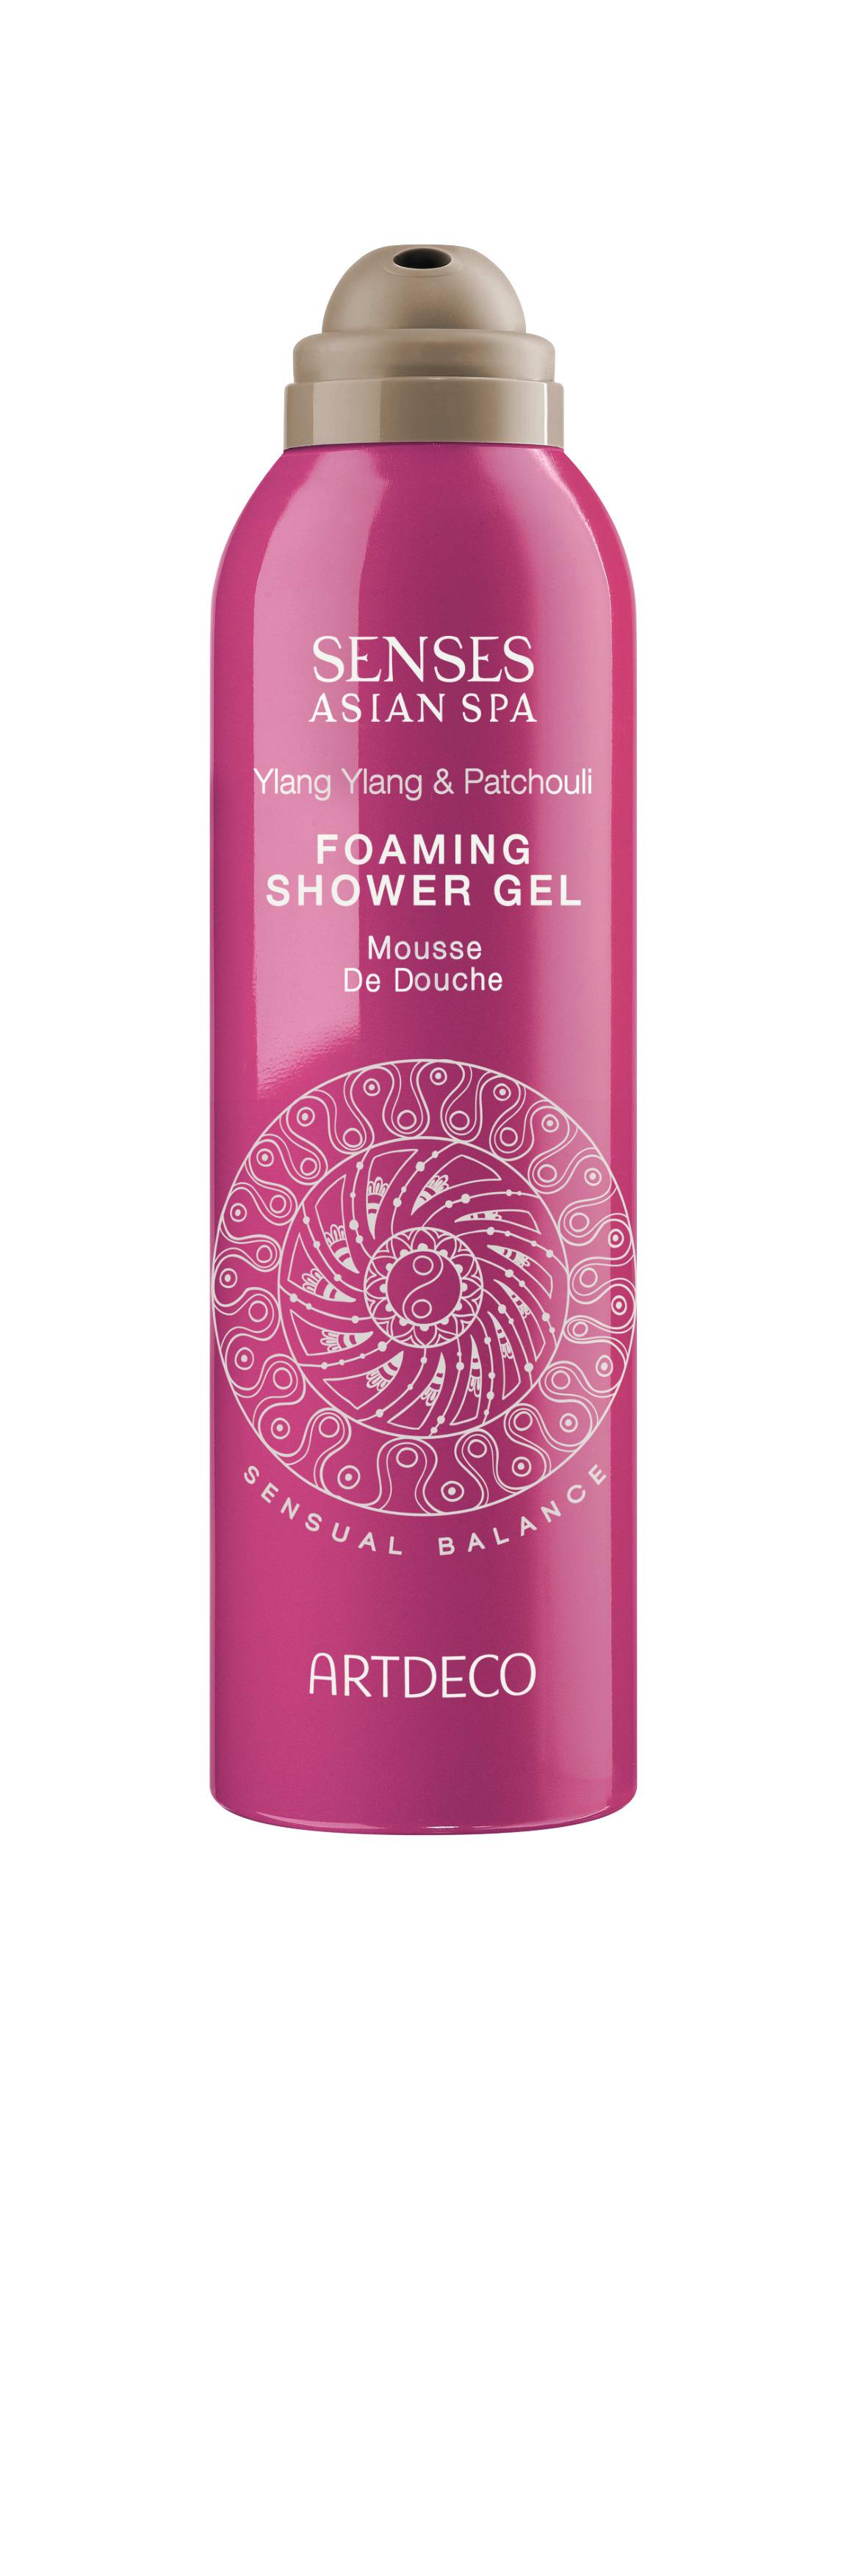 Artdeco гель-пена для душа Foaming shower gel, sensual balance, 200 мл65300Нежно очищает, увлажняет, питает и восстанавливает кожуПри контакте с водой превращается в воздушную пену